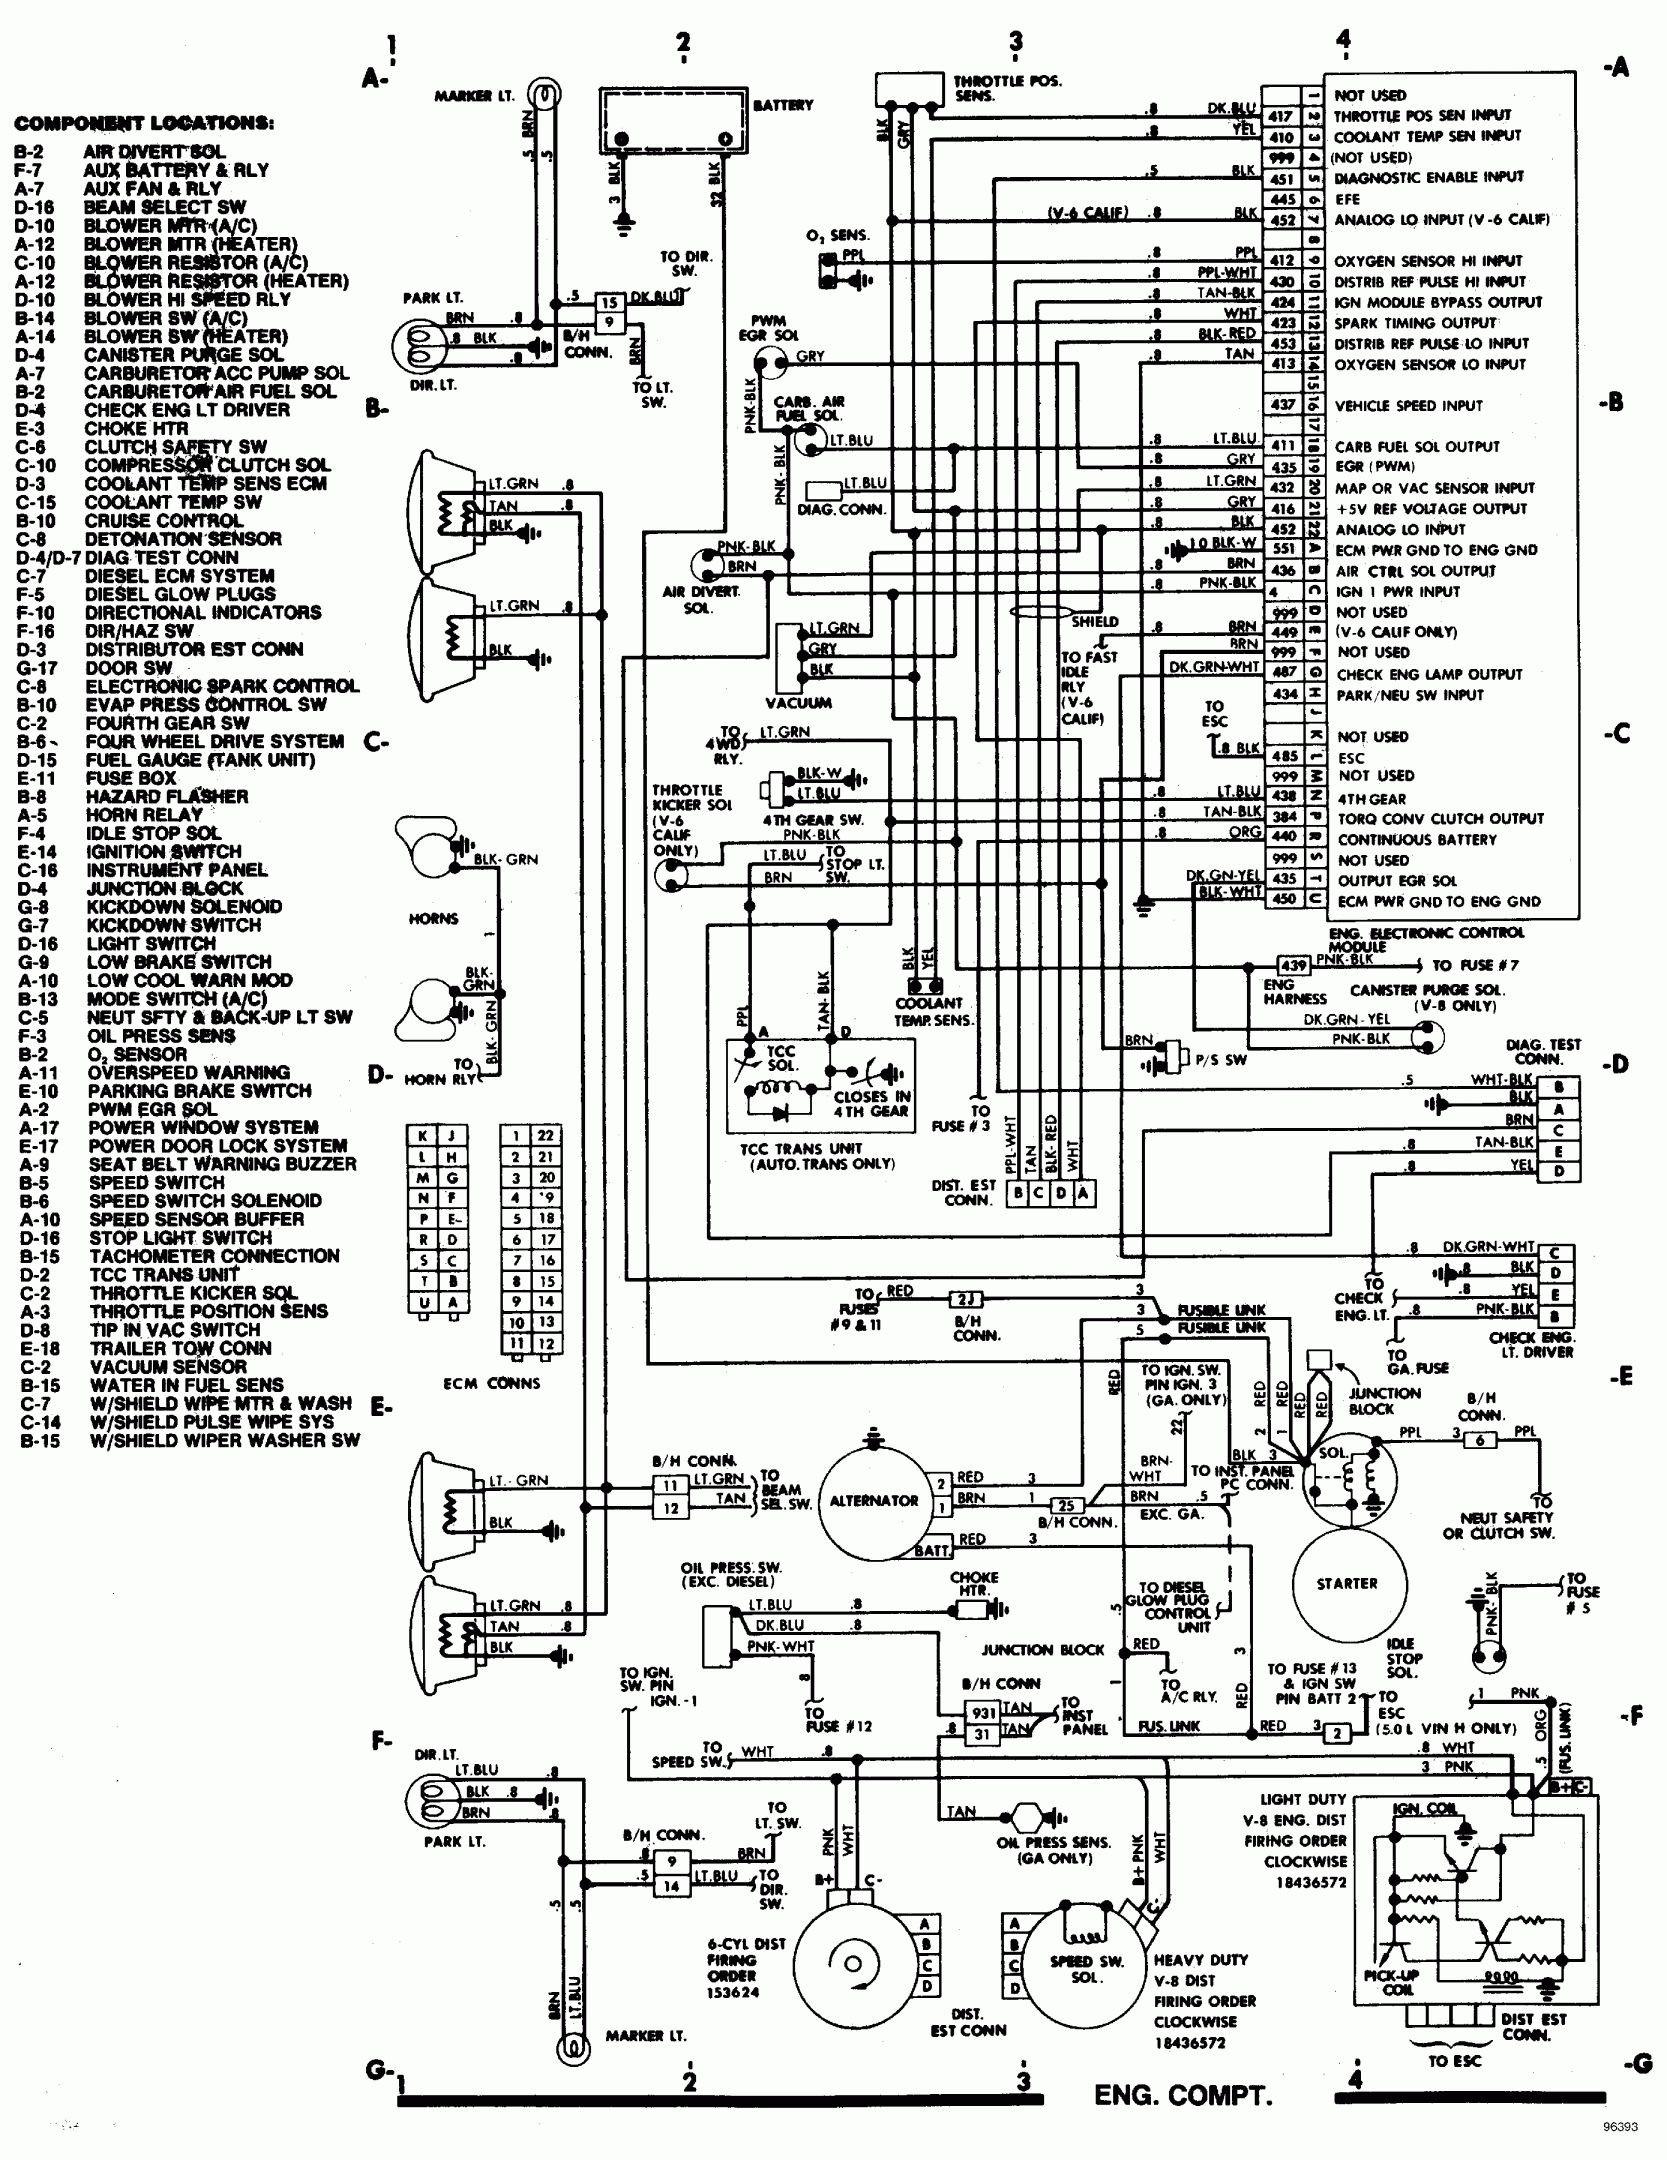 84 Chevy Alternator Wiring Diagram 15 1984 Chevy Truck Electrical Wiring Diagram Truck Of 84 Chevy Alternator Wiring Diagram